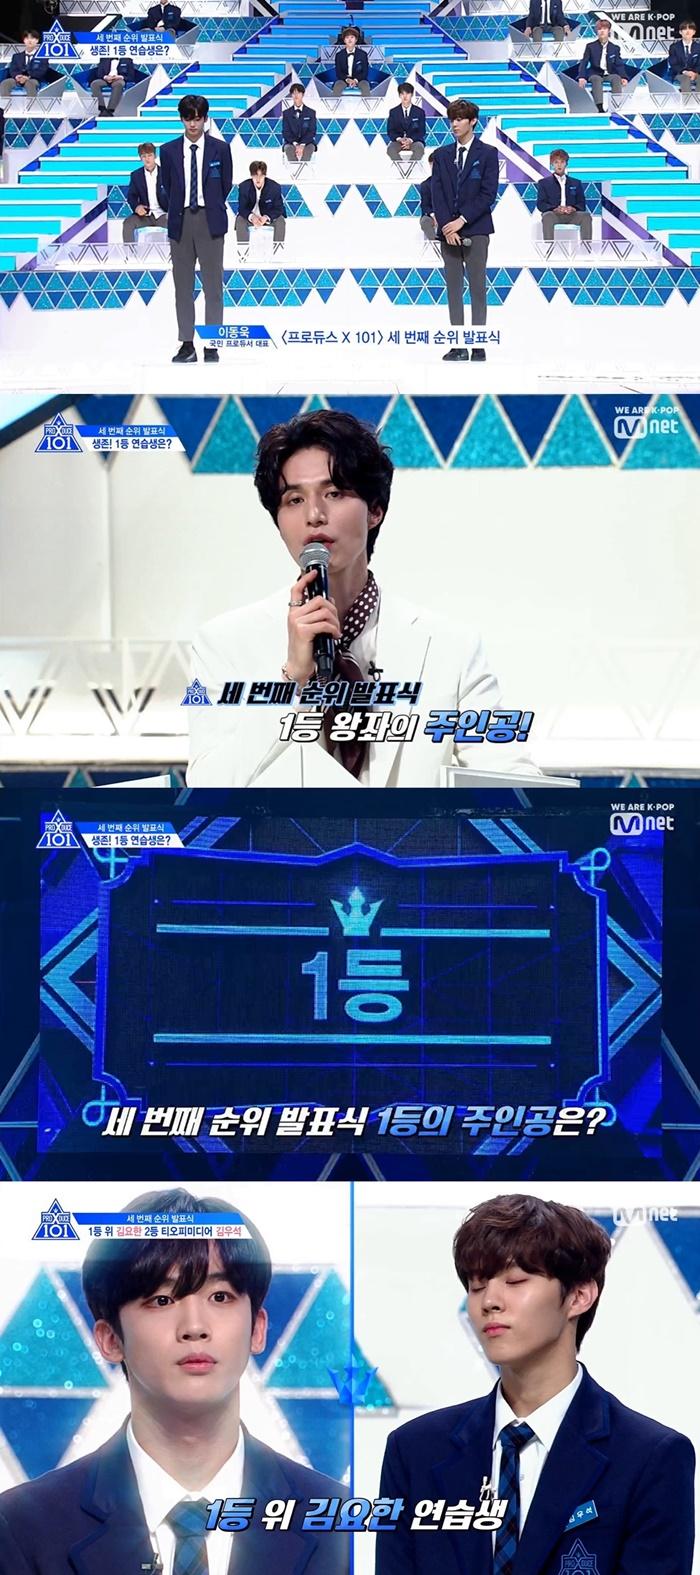 '프듀X101' 김요한, 김우석 제치고 세 번째 순위 발표식 1위